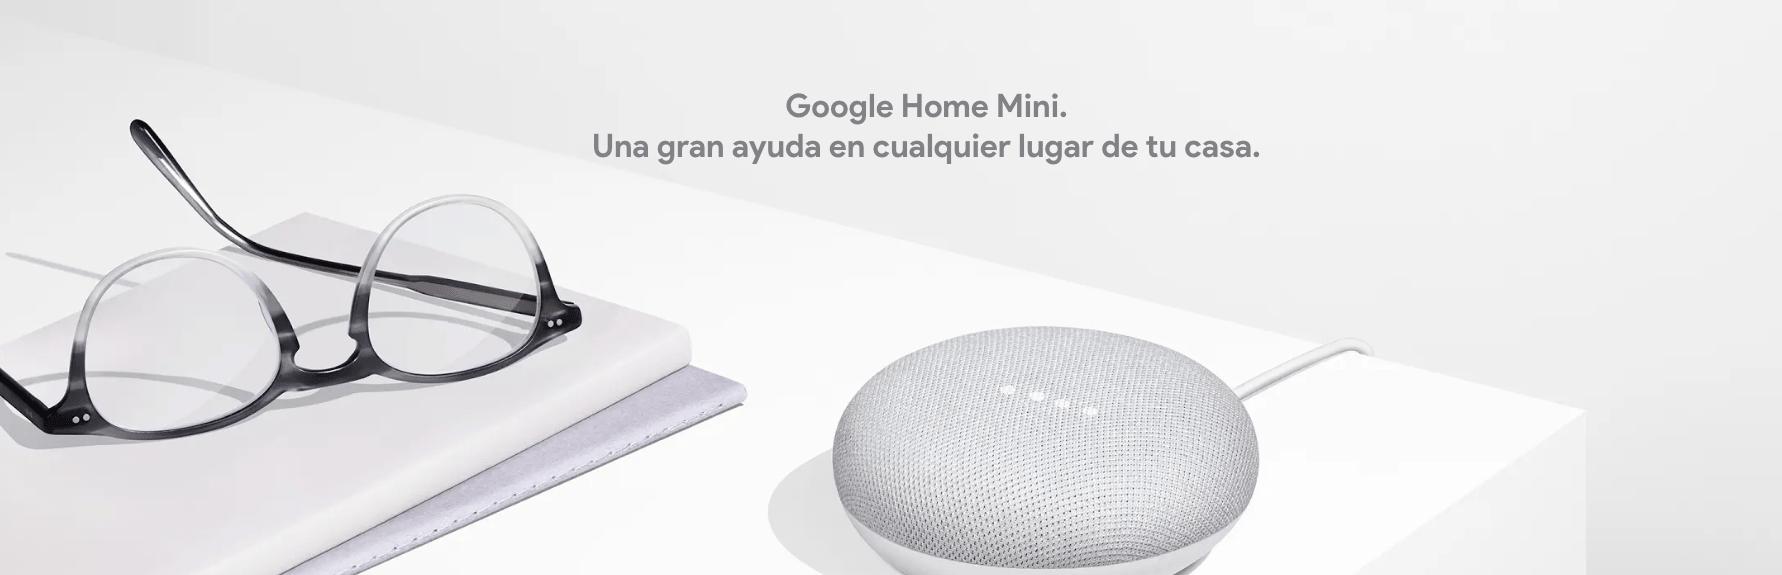 Google Home mini gris. Una gran ayuda sin usar las manos.